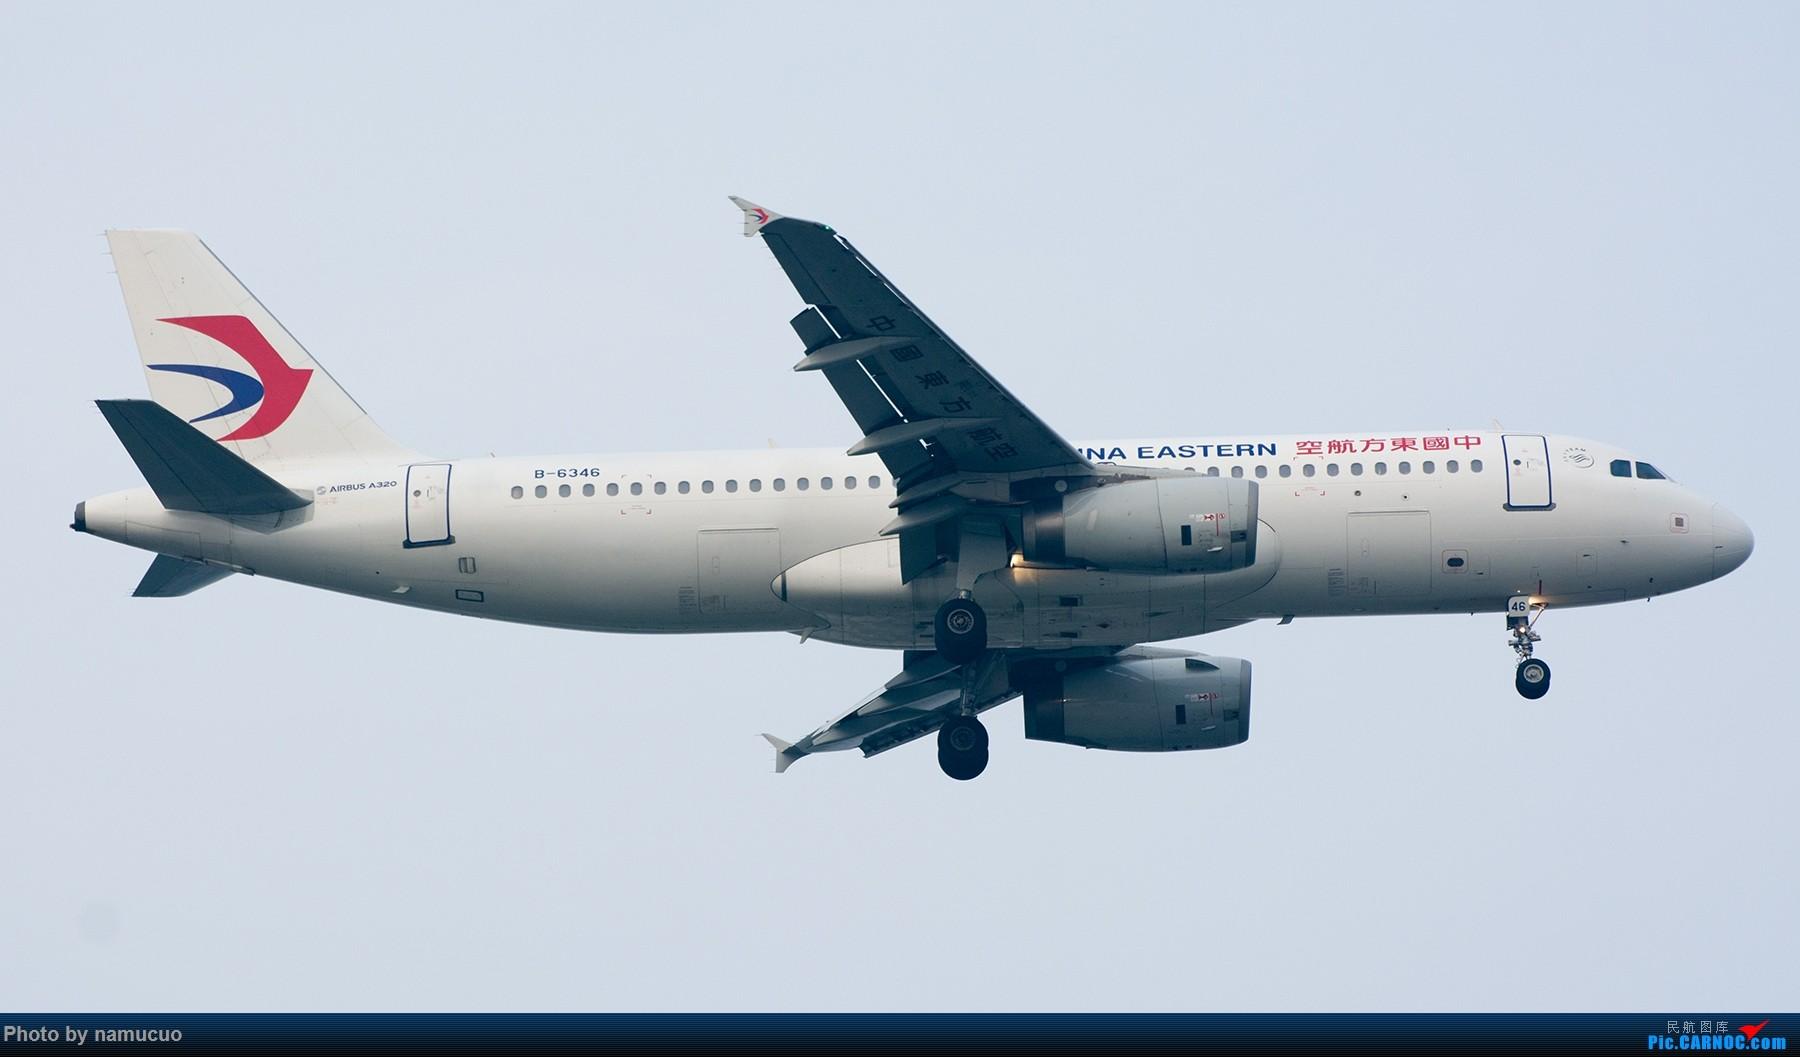 Re:[原创]【TSN】端午黄昏等拍一小时,12架,各有各的色彩也算收获吧 AIRBUS A320-200 B-6346